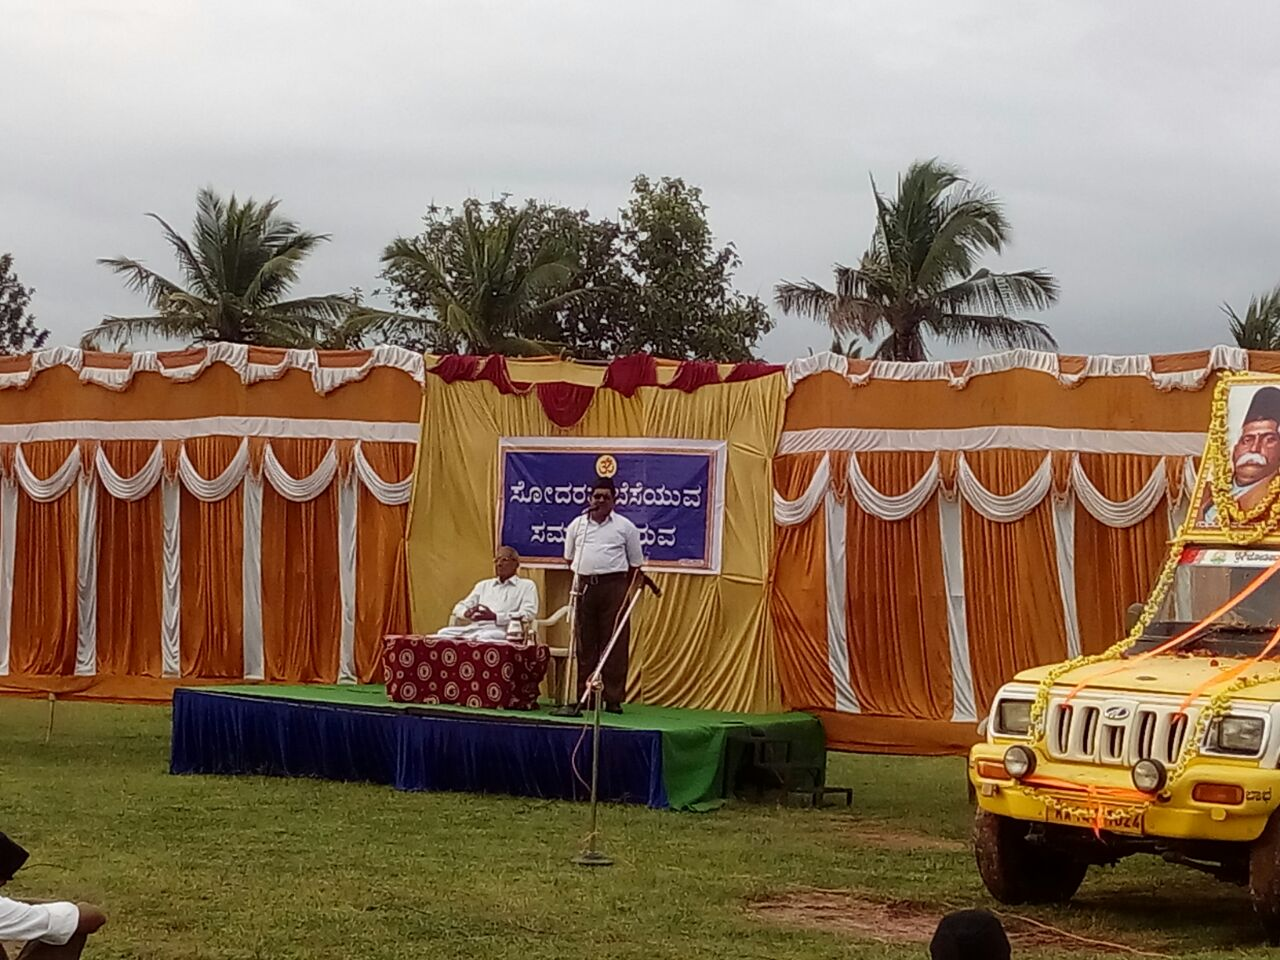 ಚಿಕ್ಕಮಗಳೂರು ಜಿಲ್ಲೆಯ ಪ್ರಾಥಮಿಕ ಶಿಕ್ಷಾ ವರ್ಗದ ಸಮಾರೋಪ ಸಮಾರಂಭ